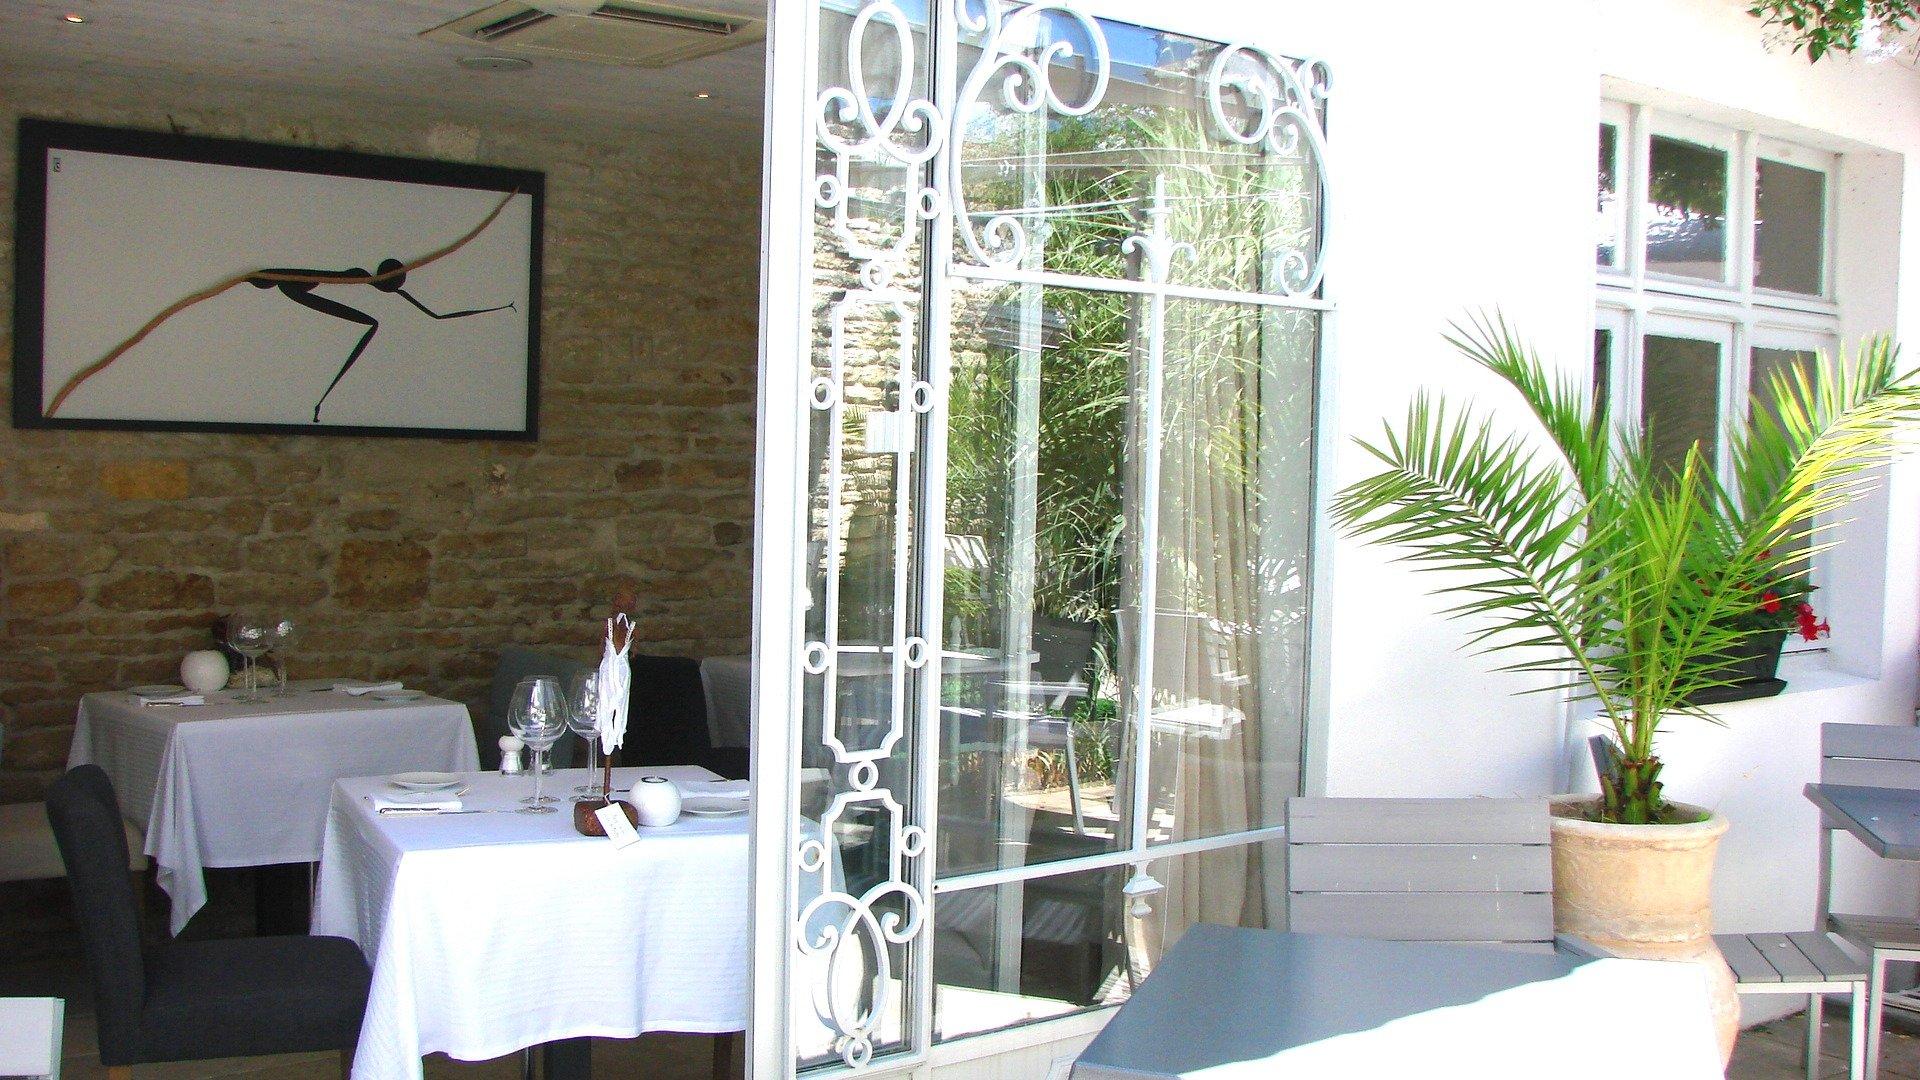 Les jardins d 39 alienor bewertungen fotos preisvergleich le chatea - Hotel le chateau d oleron ...